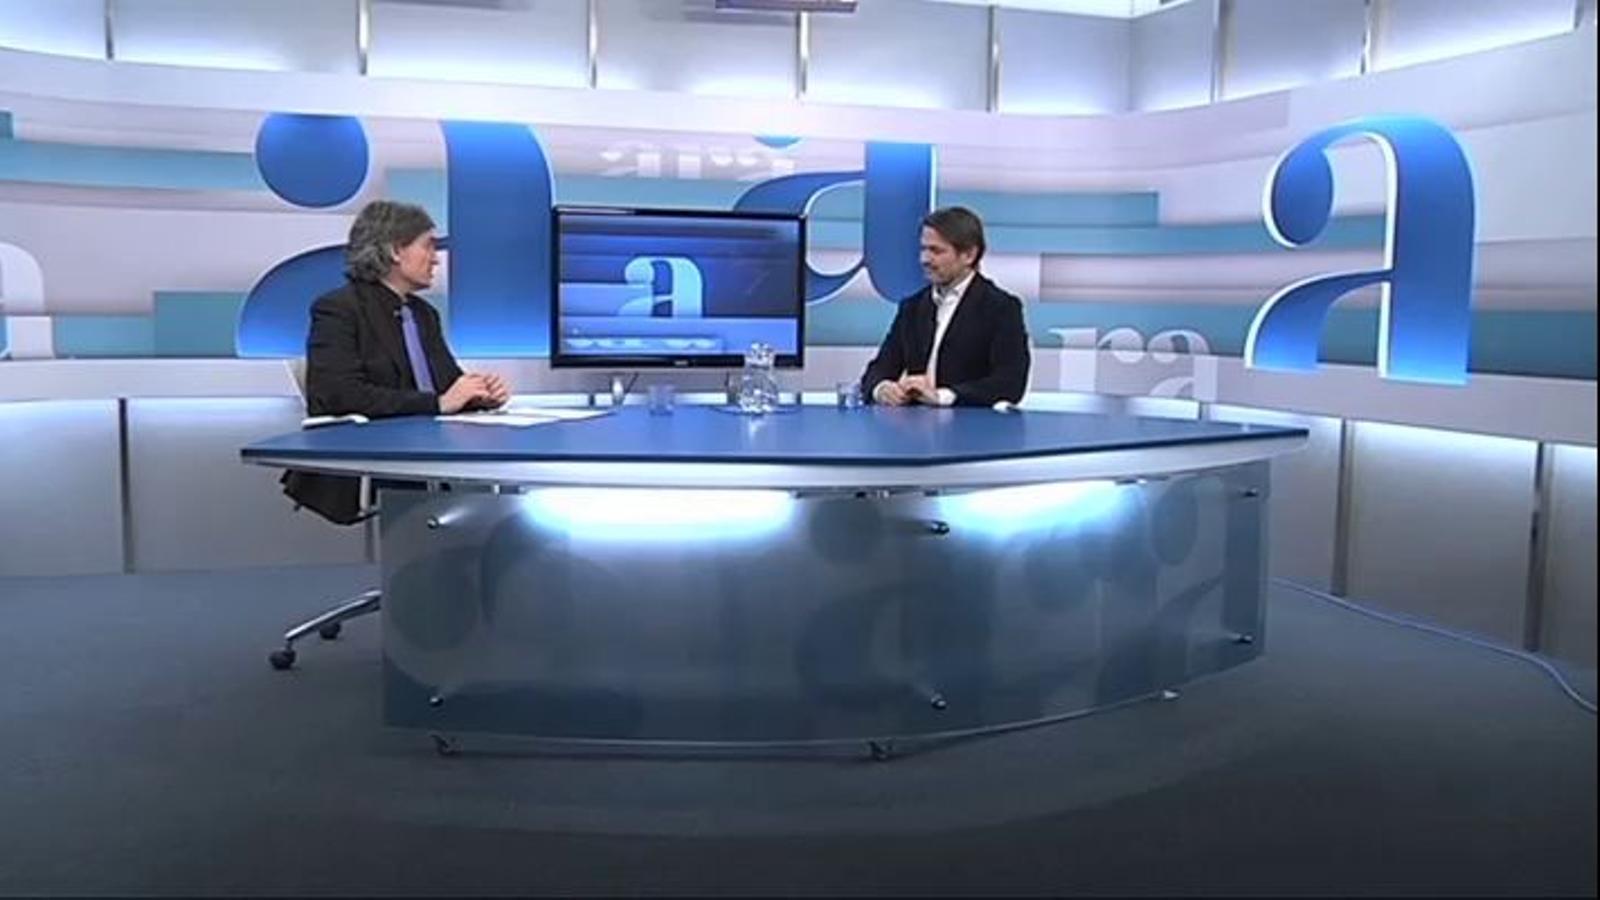 Oriol Pujol: No hi haurà pujolisme 2.0, el president va trencar el motlle